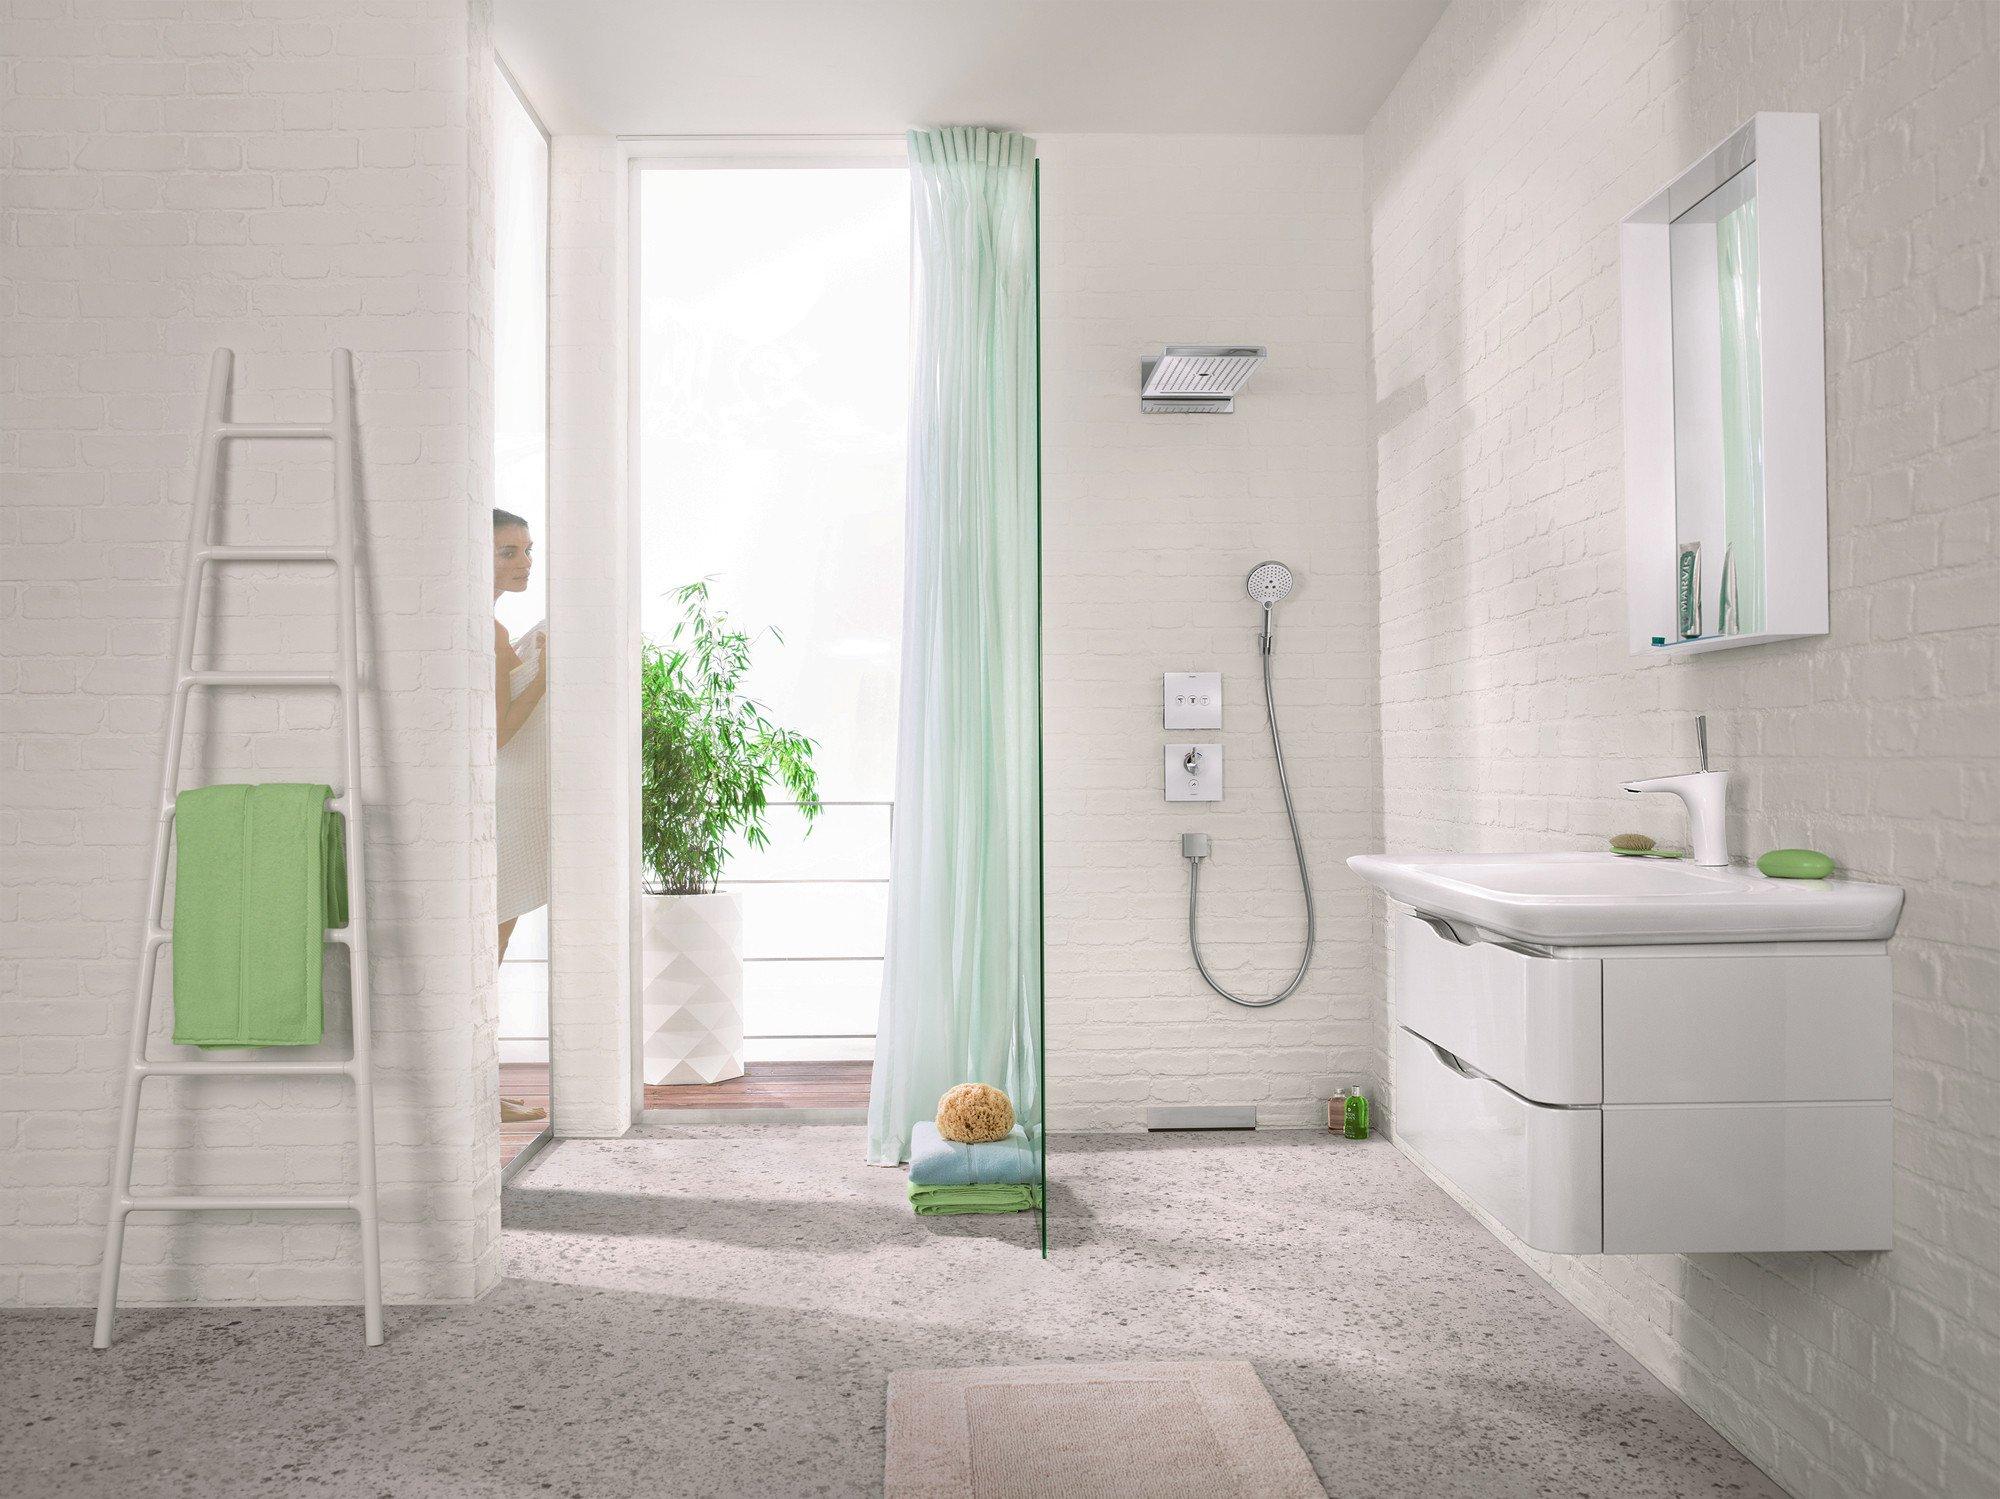 Wasserablauf Dusche elemente der badausstattung bad und sanitär gestaltung